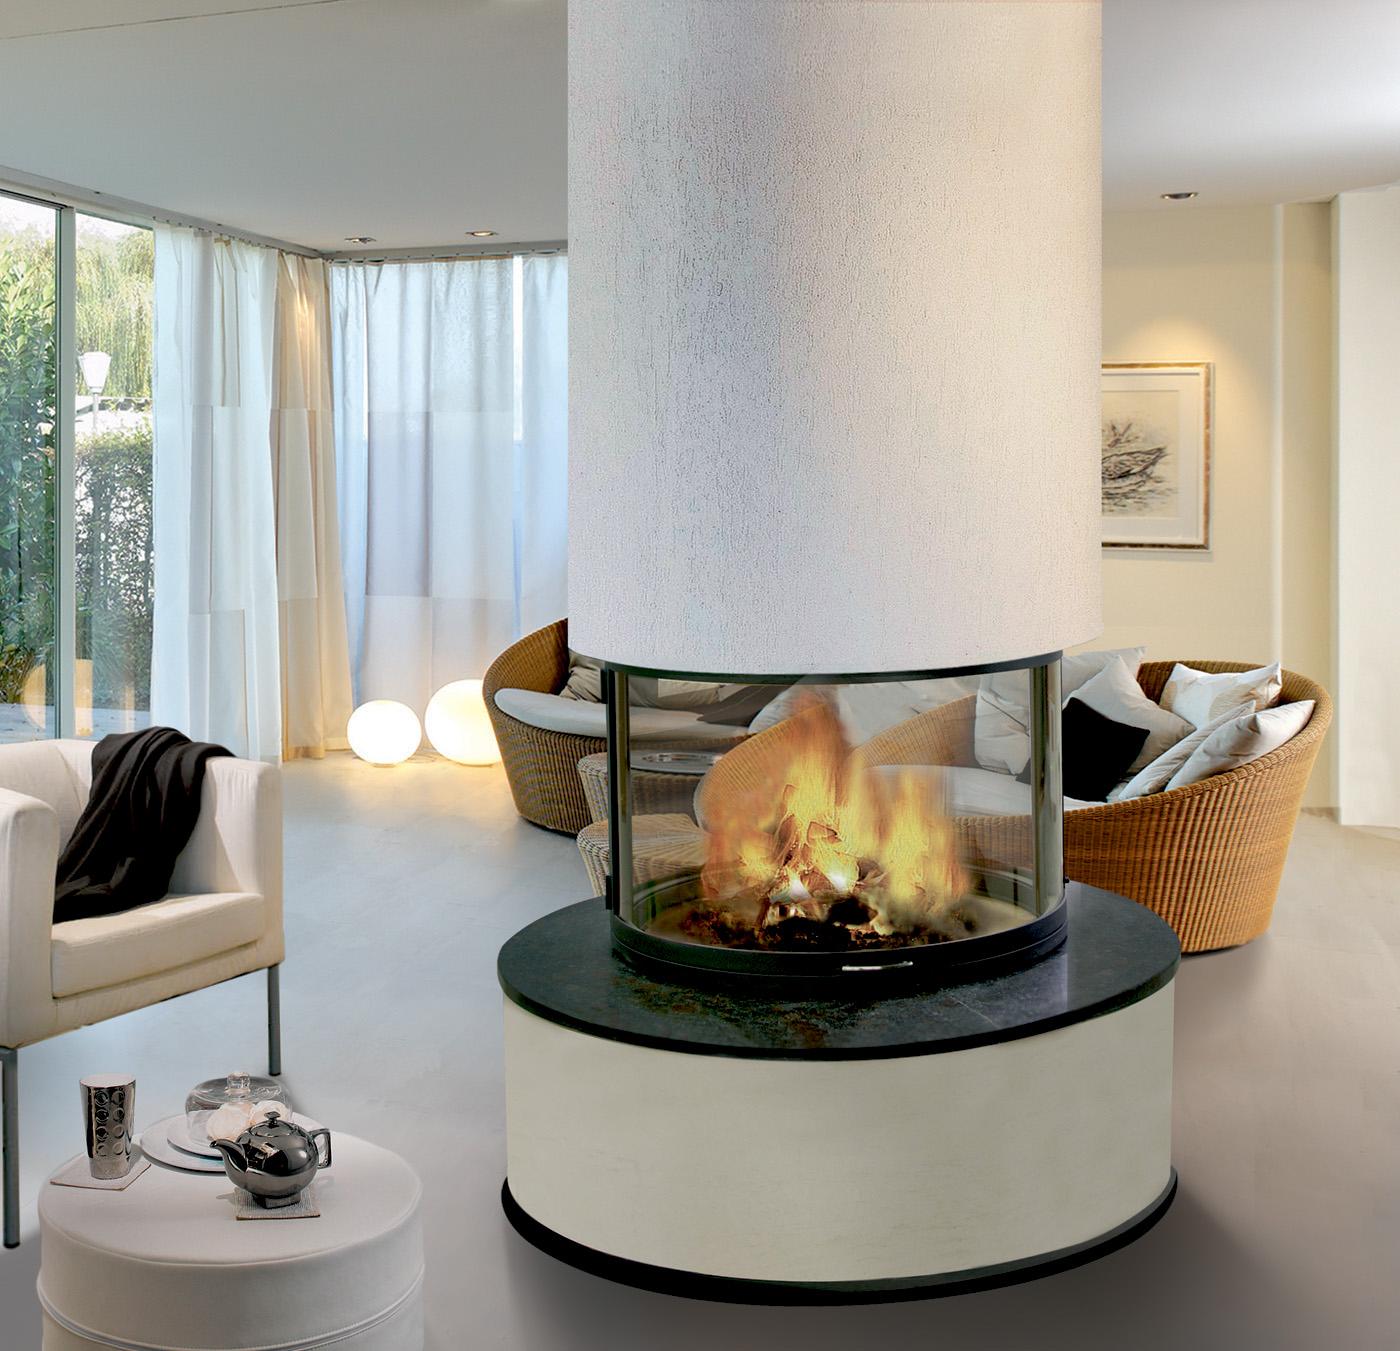 Chemin e en savoie is re et haute savoie atre et loisirs votre expert - Modele cheminee moderne ...